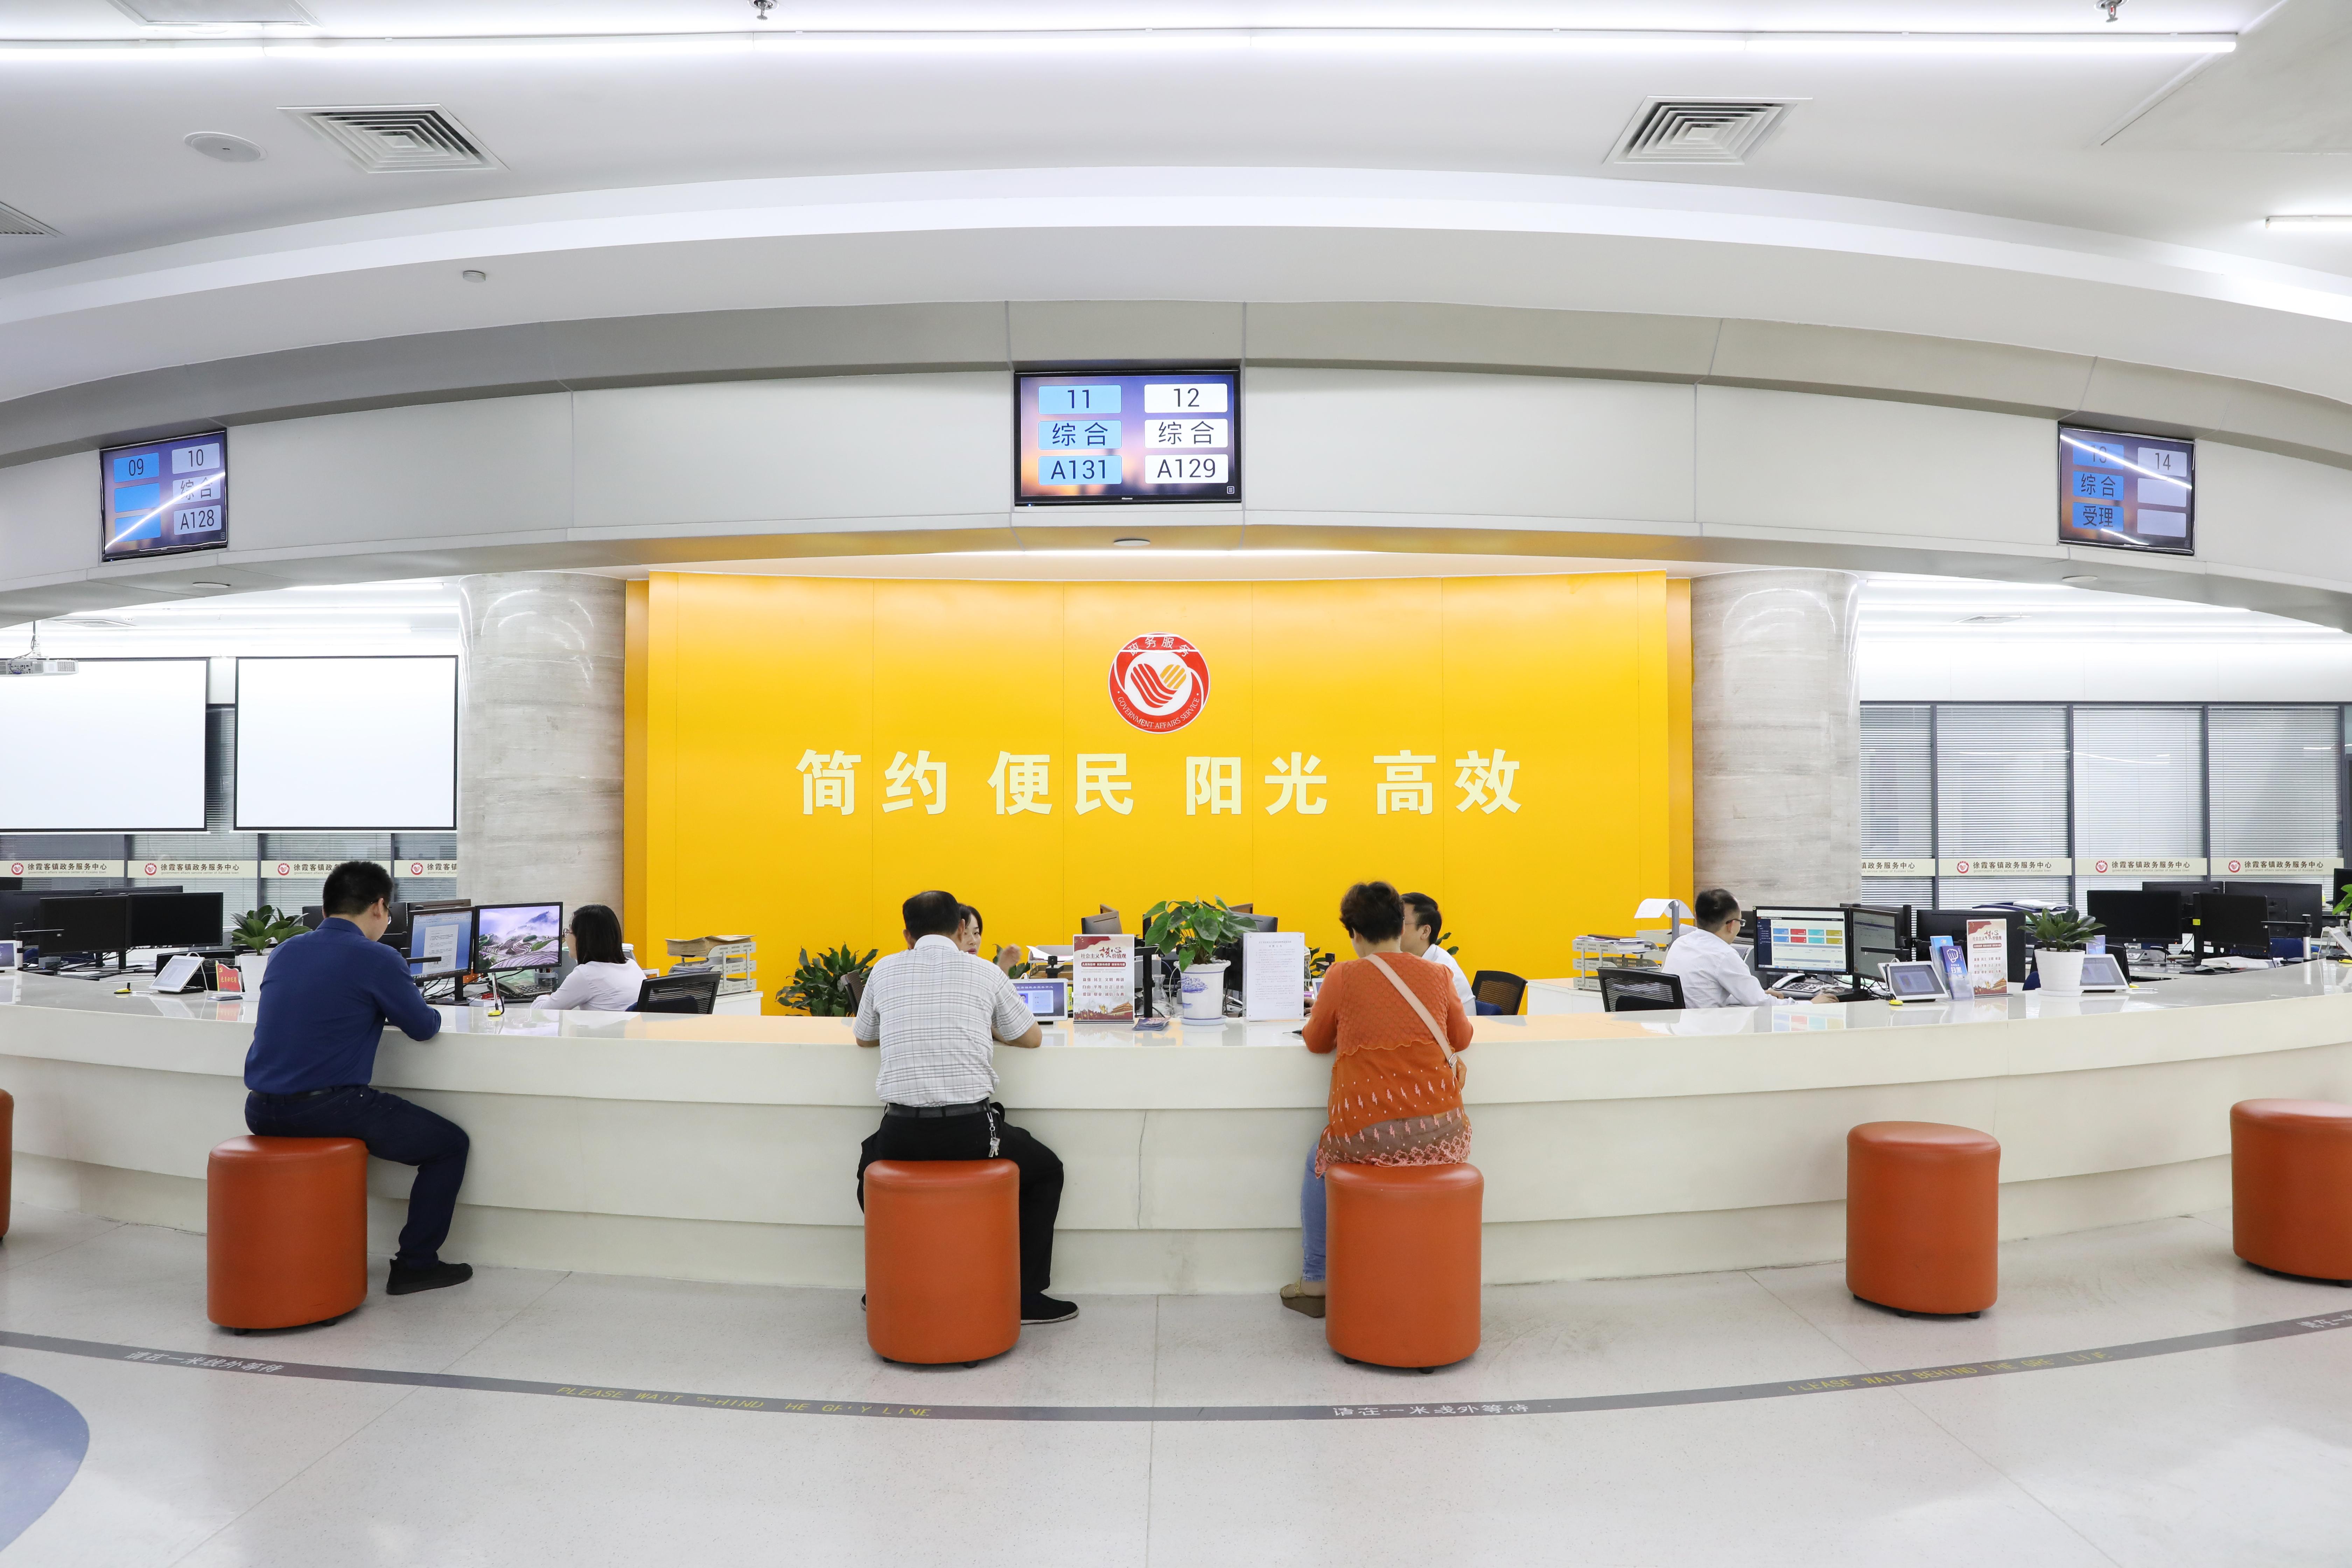 江阴市徐霞客镇政务服务中心大厅  摄影:林伟